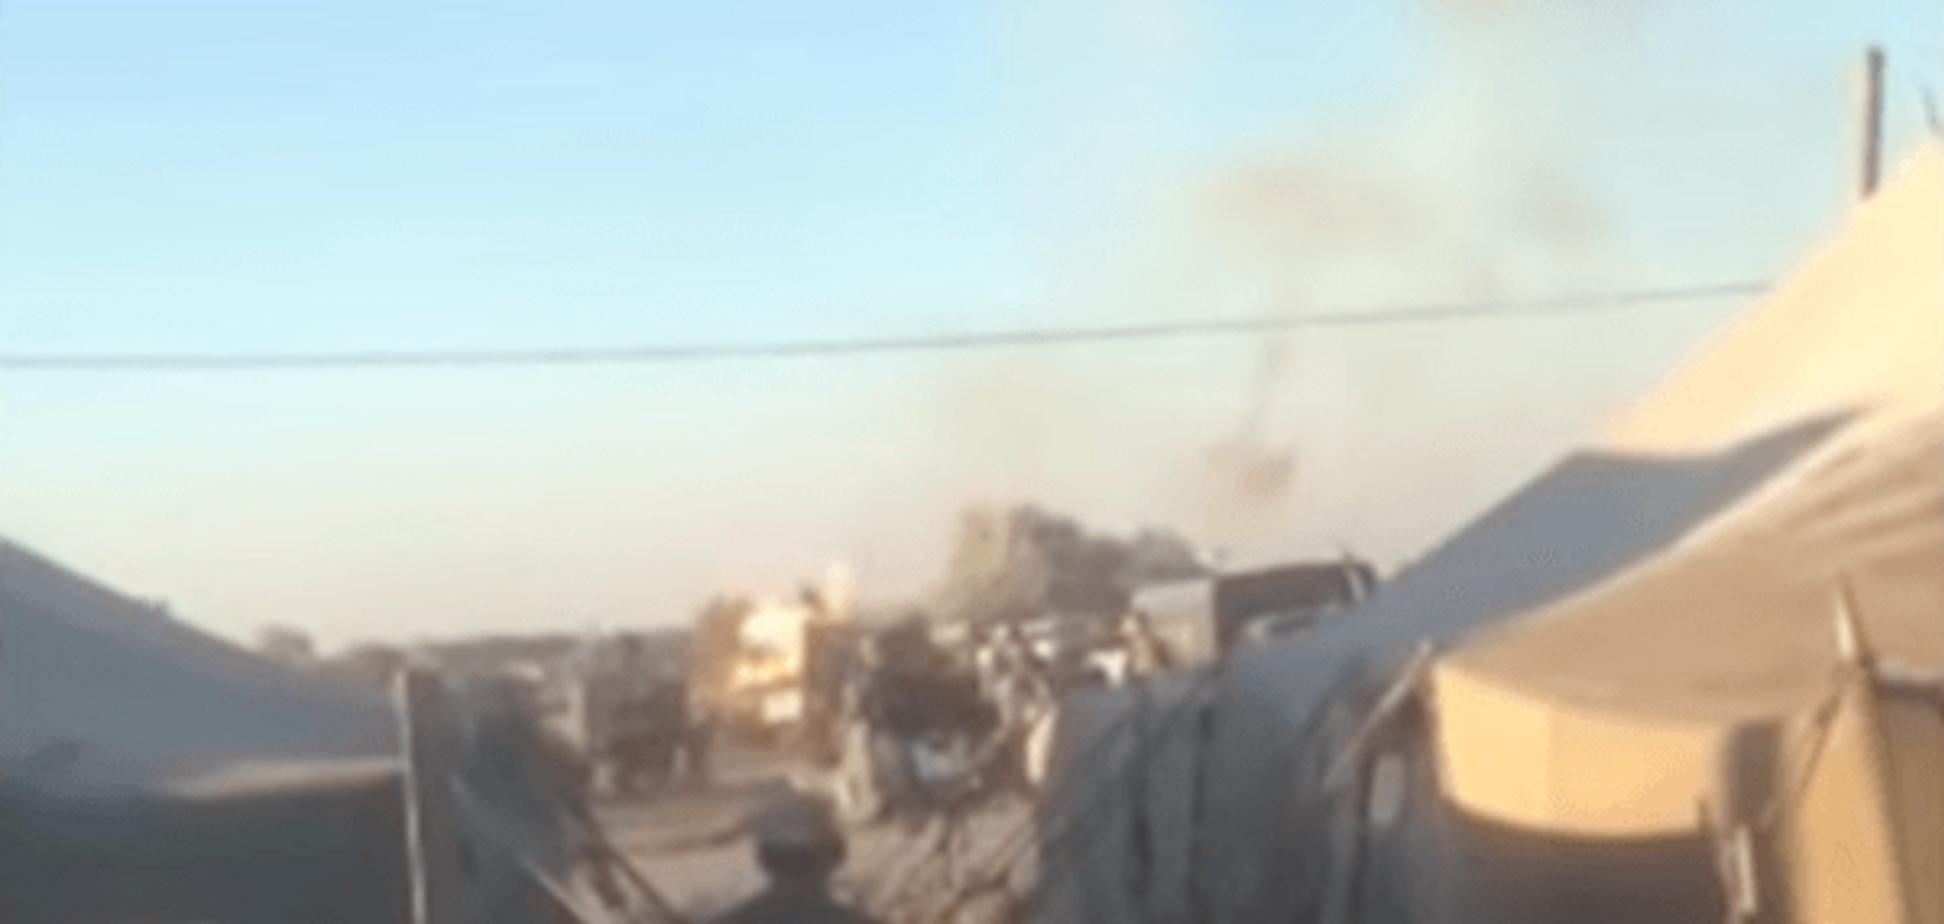 НП на полігоні: на Дніпропетровщині злетів у повітря танк. Відеофакт